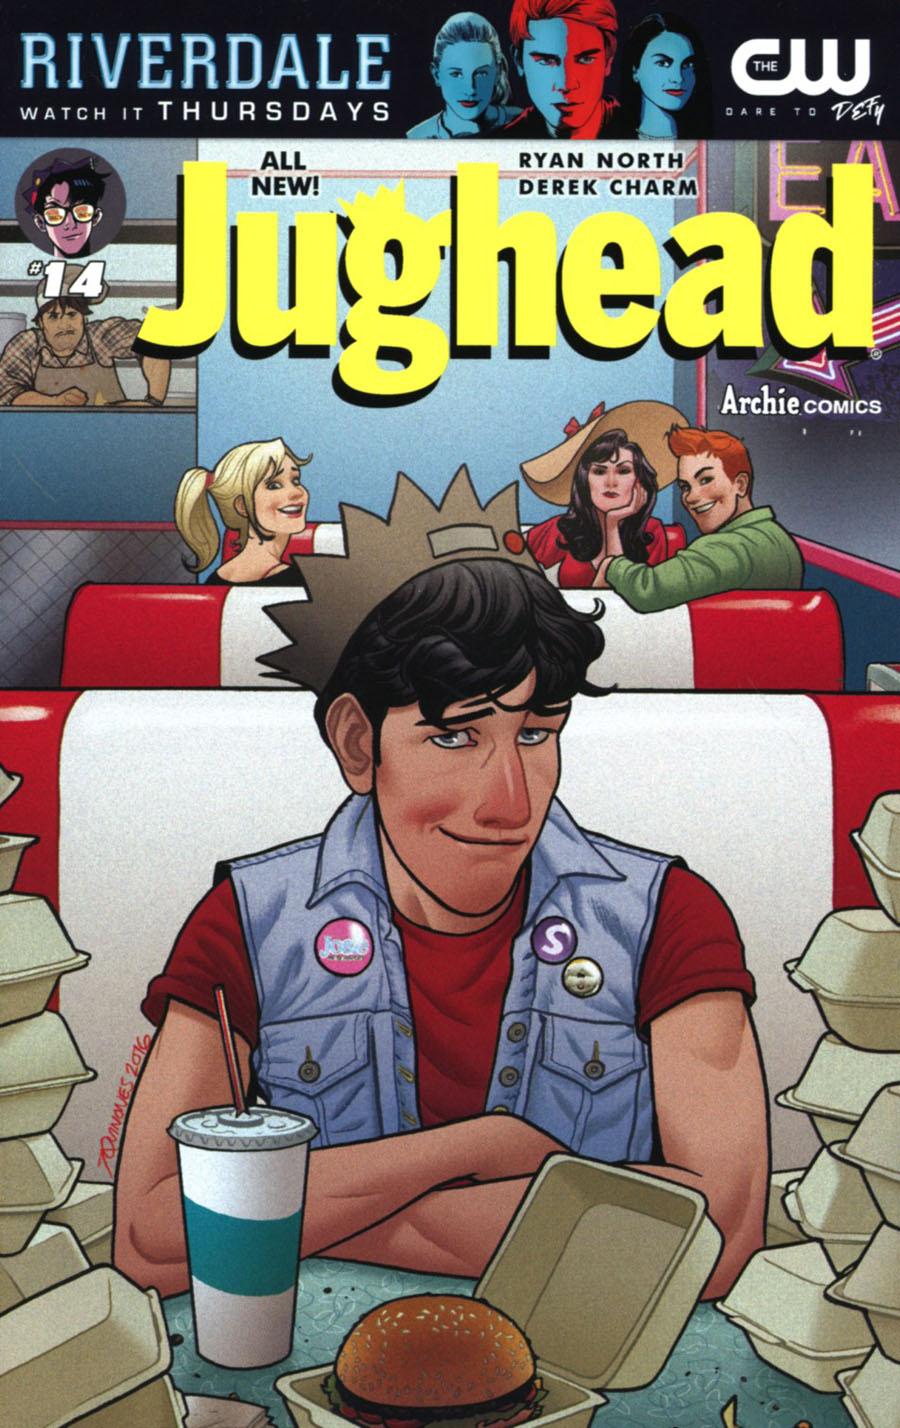 Jughead Vol 3 #14 Cover B Variant Joe Quinones Cover